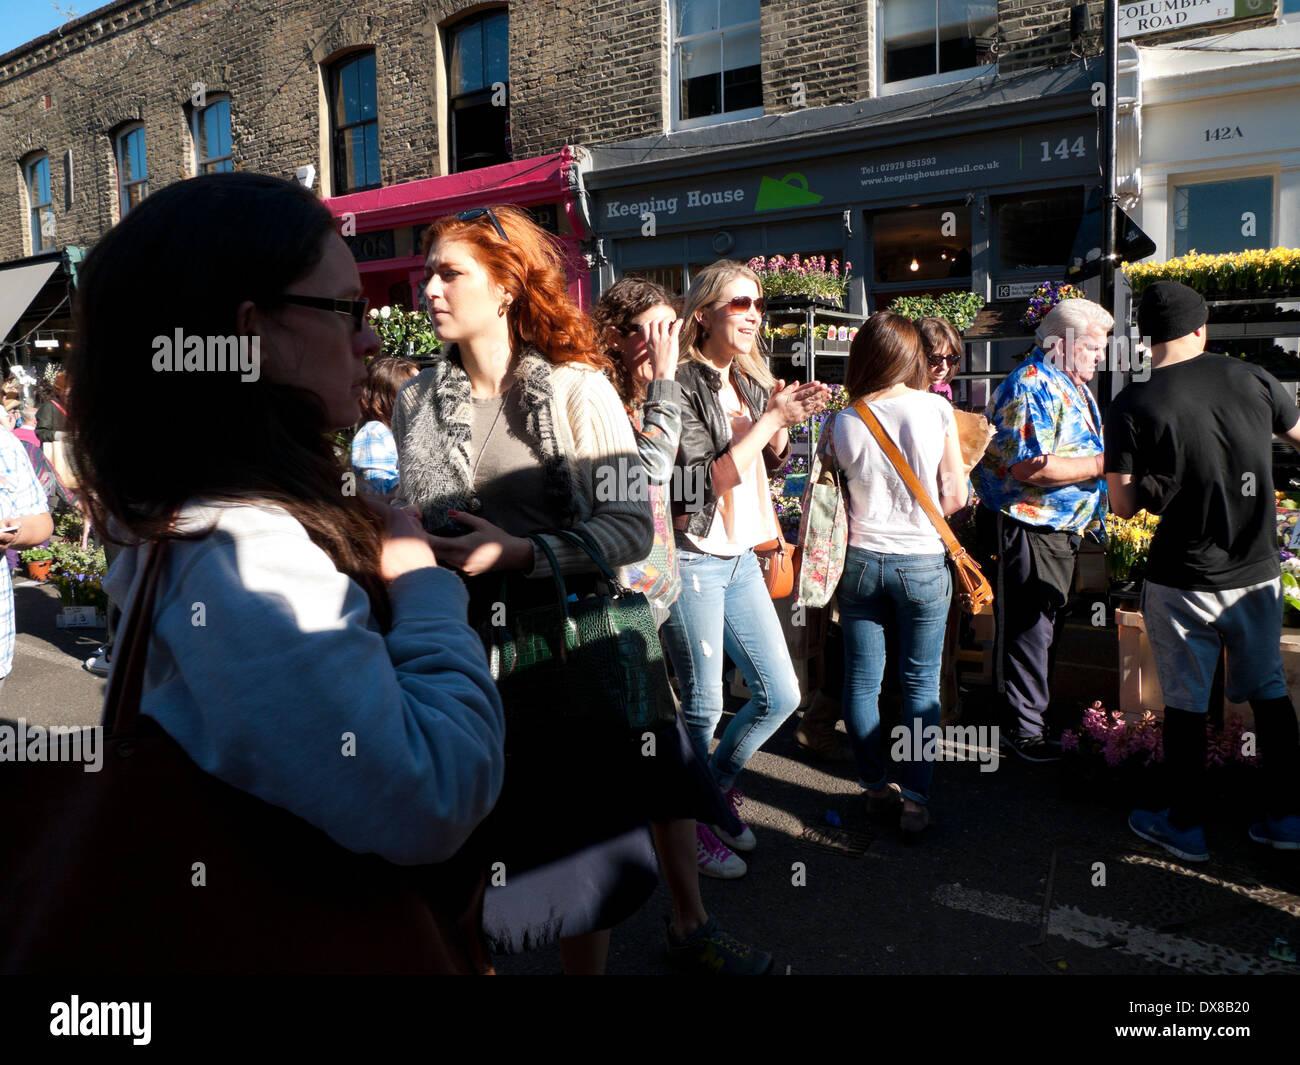 Les gens dans la rue à Columbia Road Flower Market London E2 UK KATHY DEWITT Photo Stock